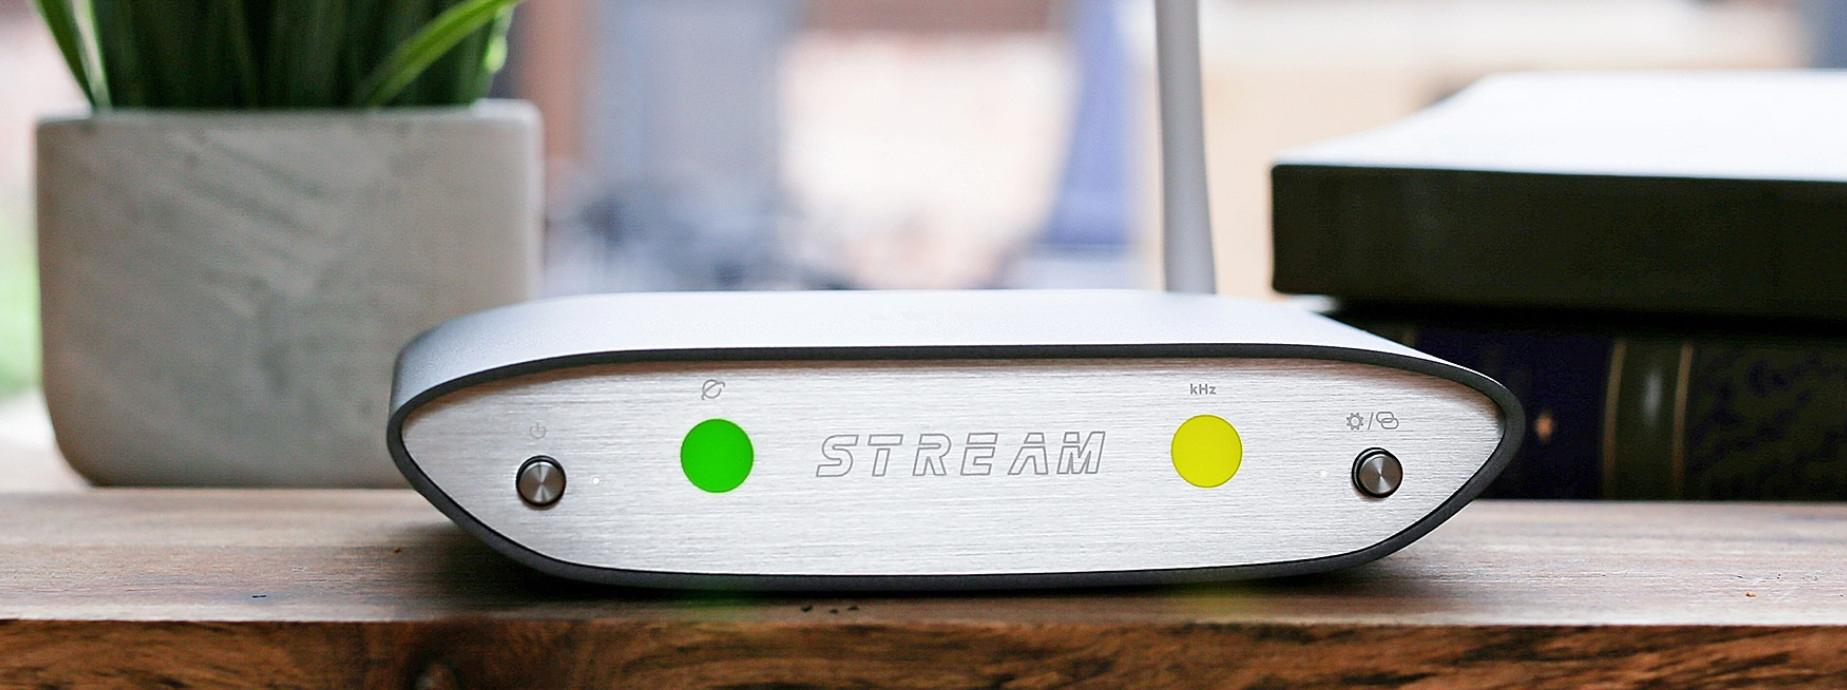 iFi bổ sung thêm Zen Stream vào bộ sưu tập Zen của mình